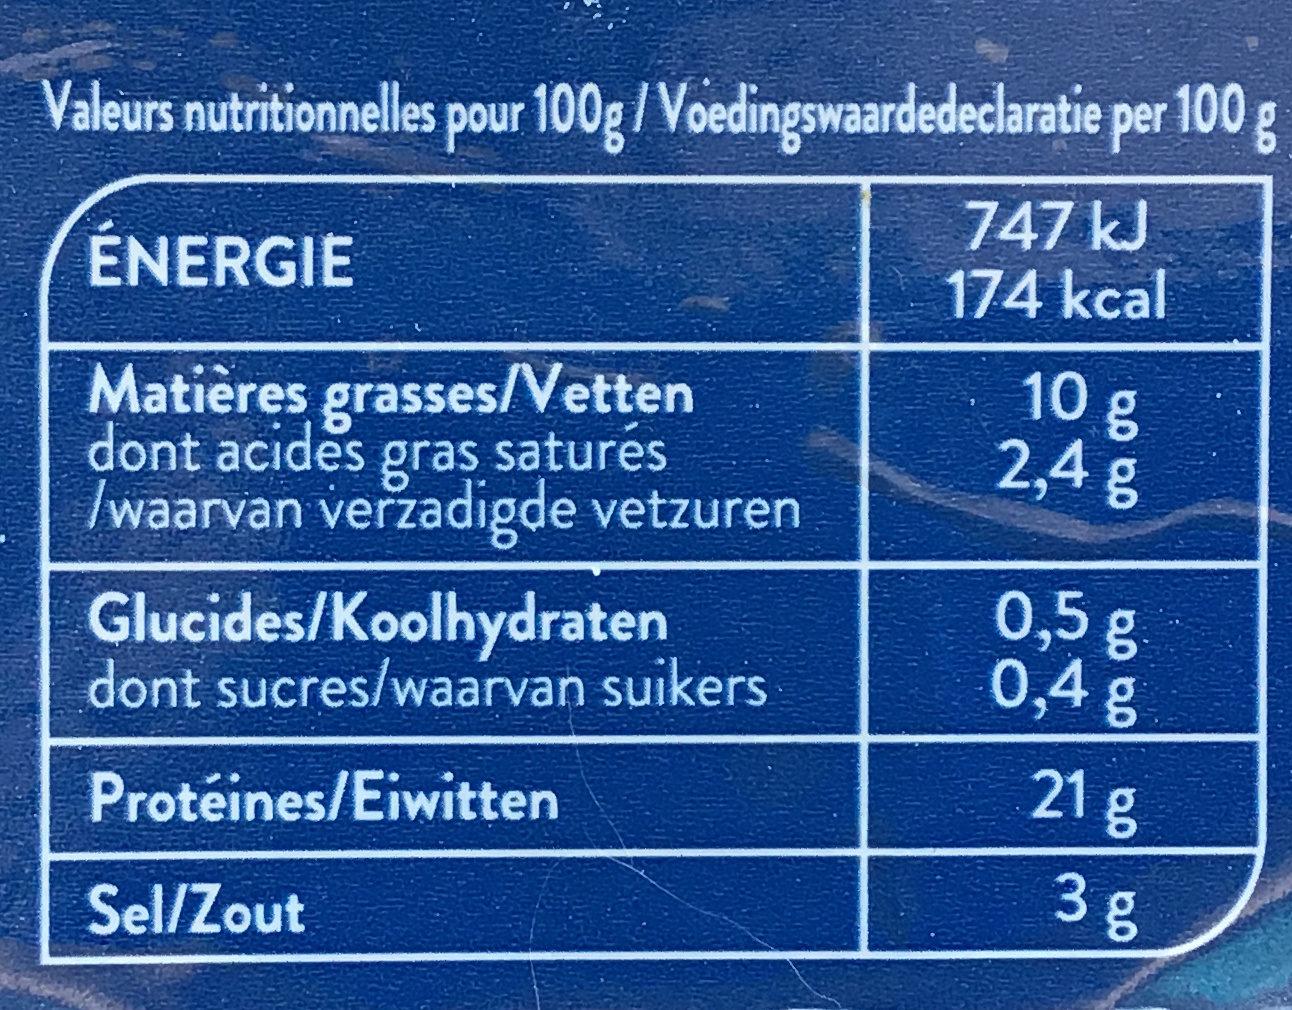 Saumon fumé Norvège - Nutrition facts